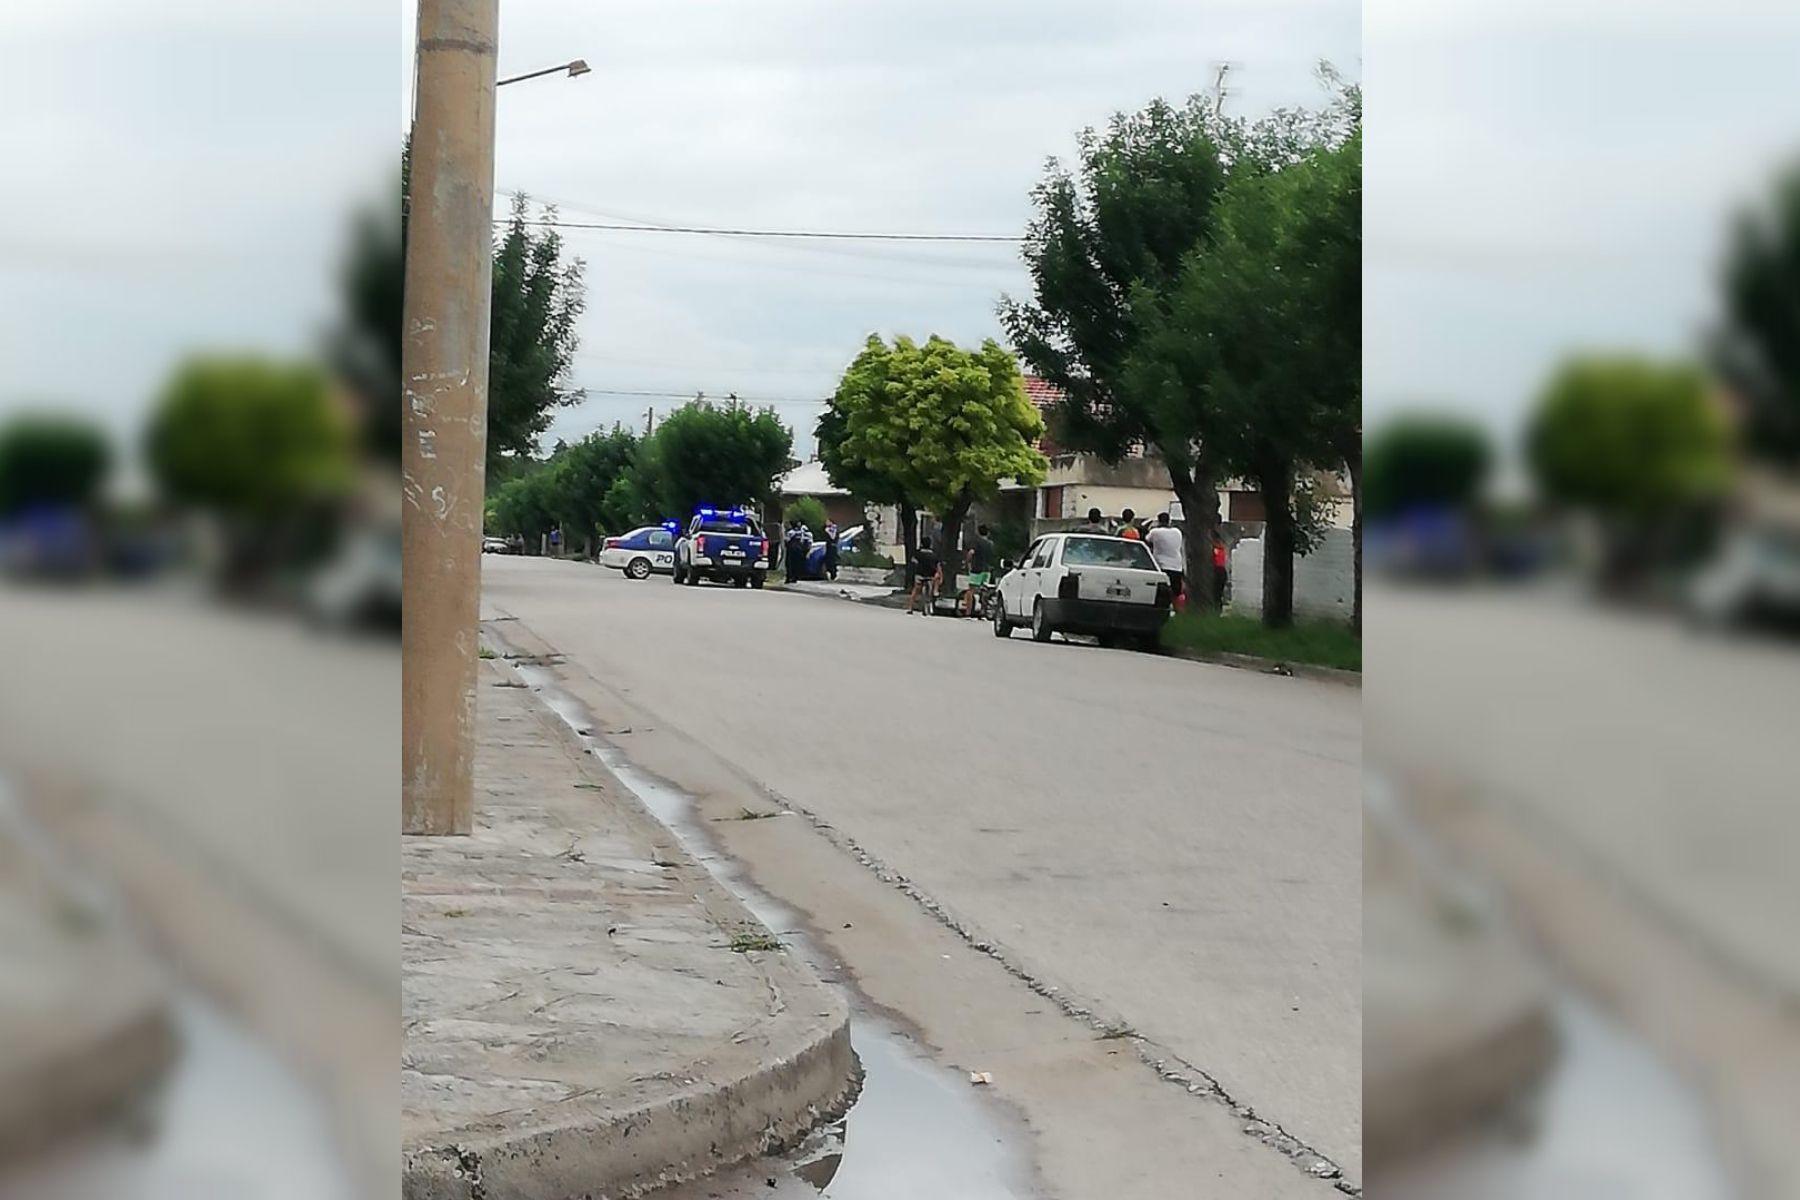 La policía buscan al hombre que agredió a su ex pareja y escapó en un patrullero. Foto; La Voz.